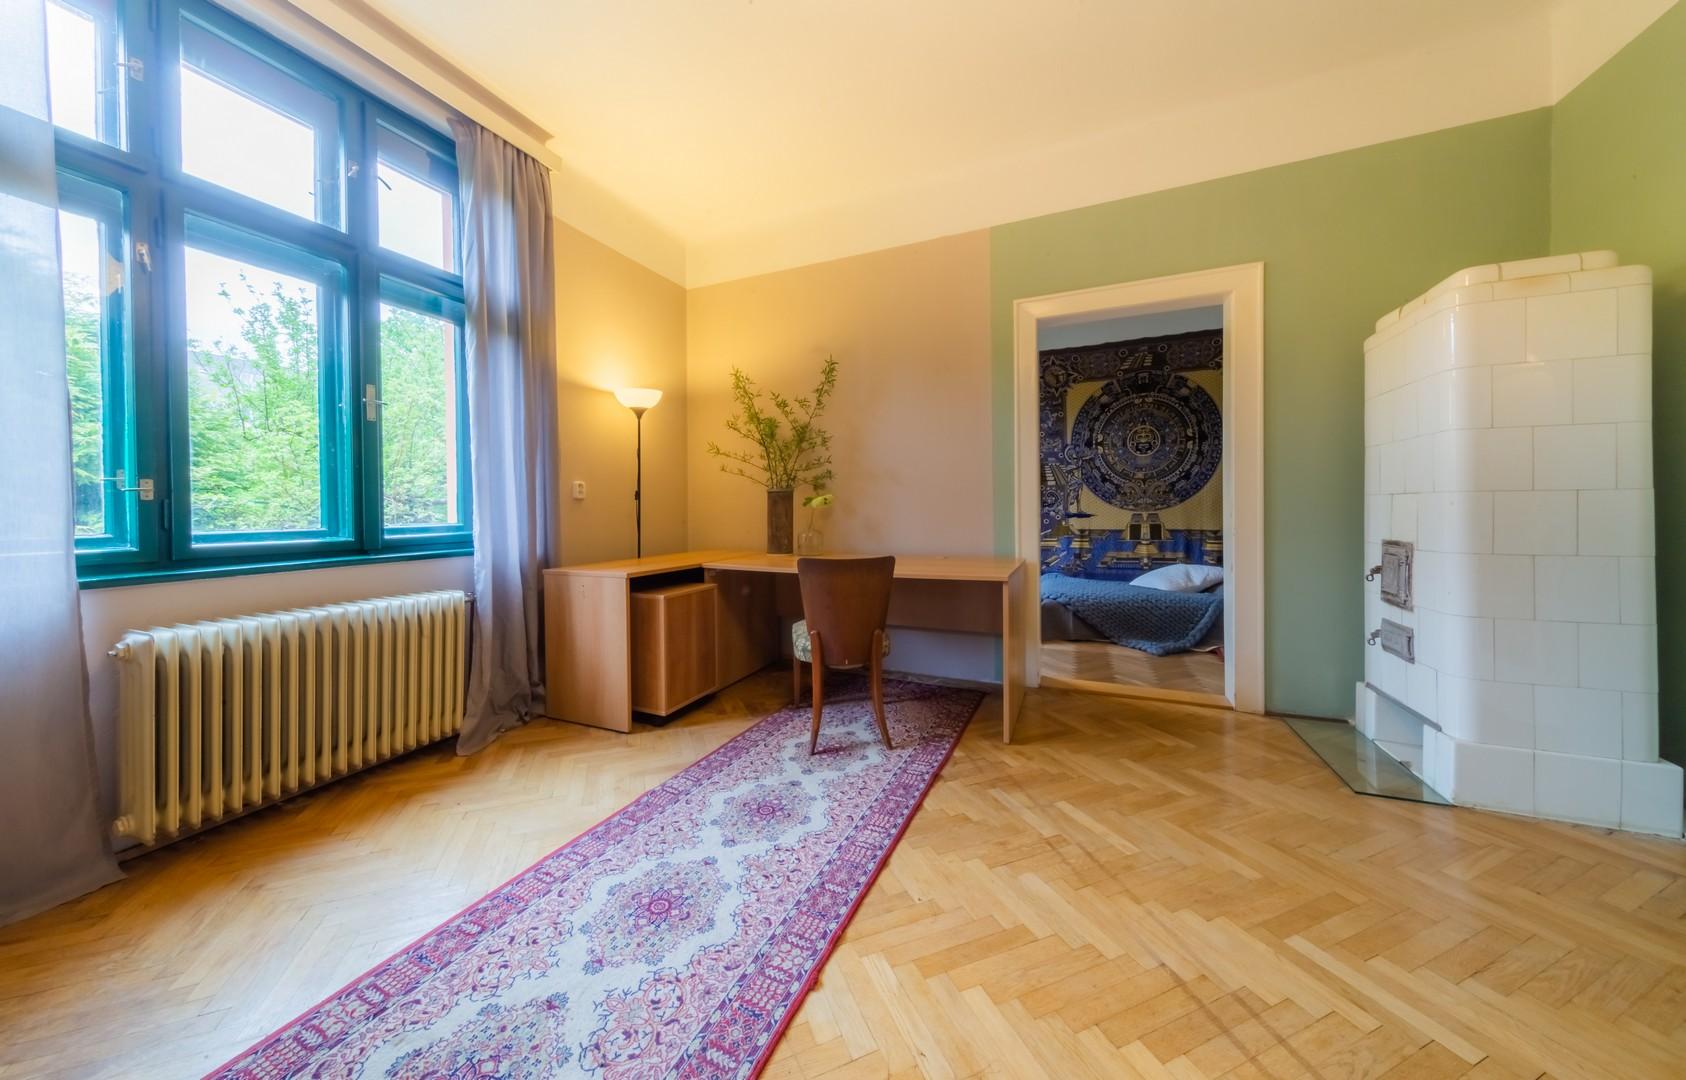 kamna okno zidle stul koberec parkety kvetina lampa